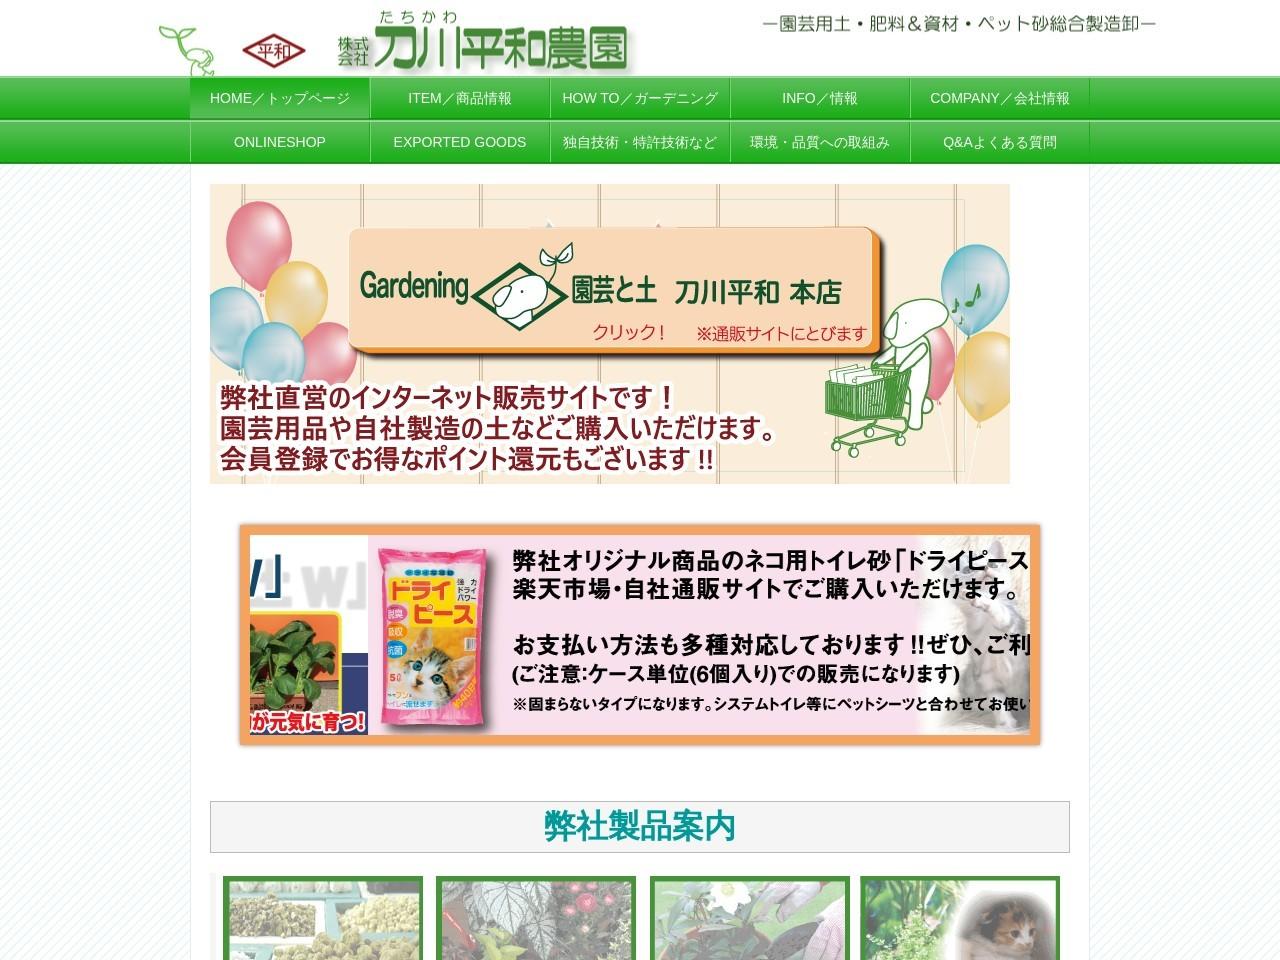 株式会社刀川平和農園